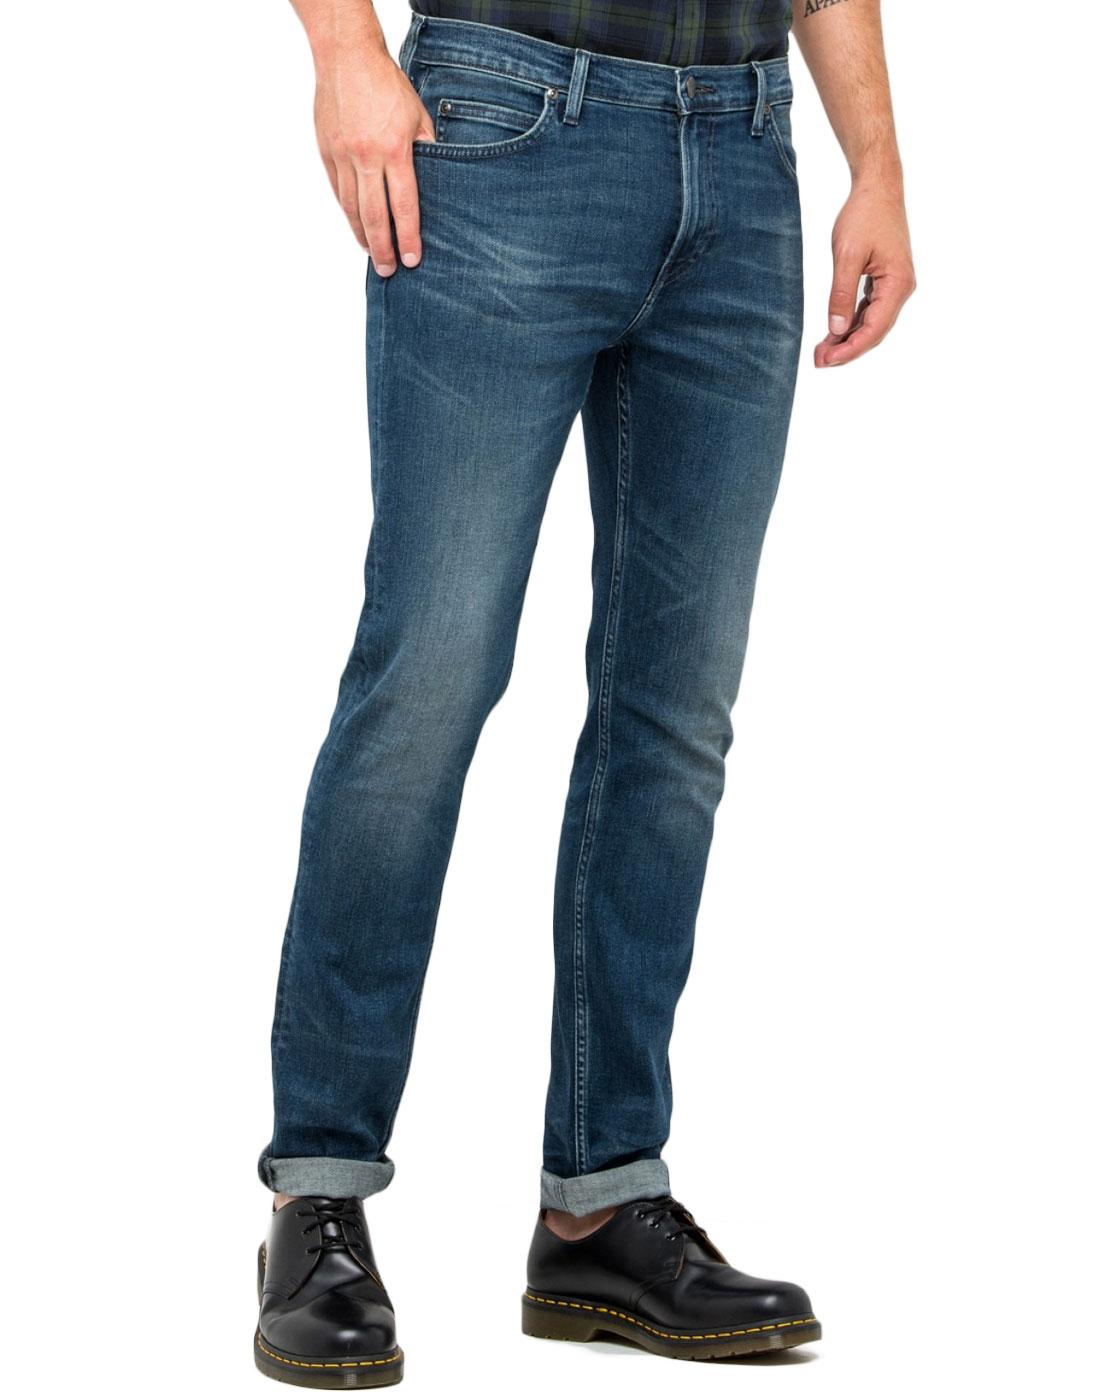 Rider Slim LEE Strummer Worn Stonewash Retro Jeans